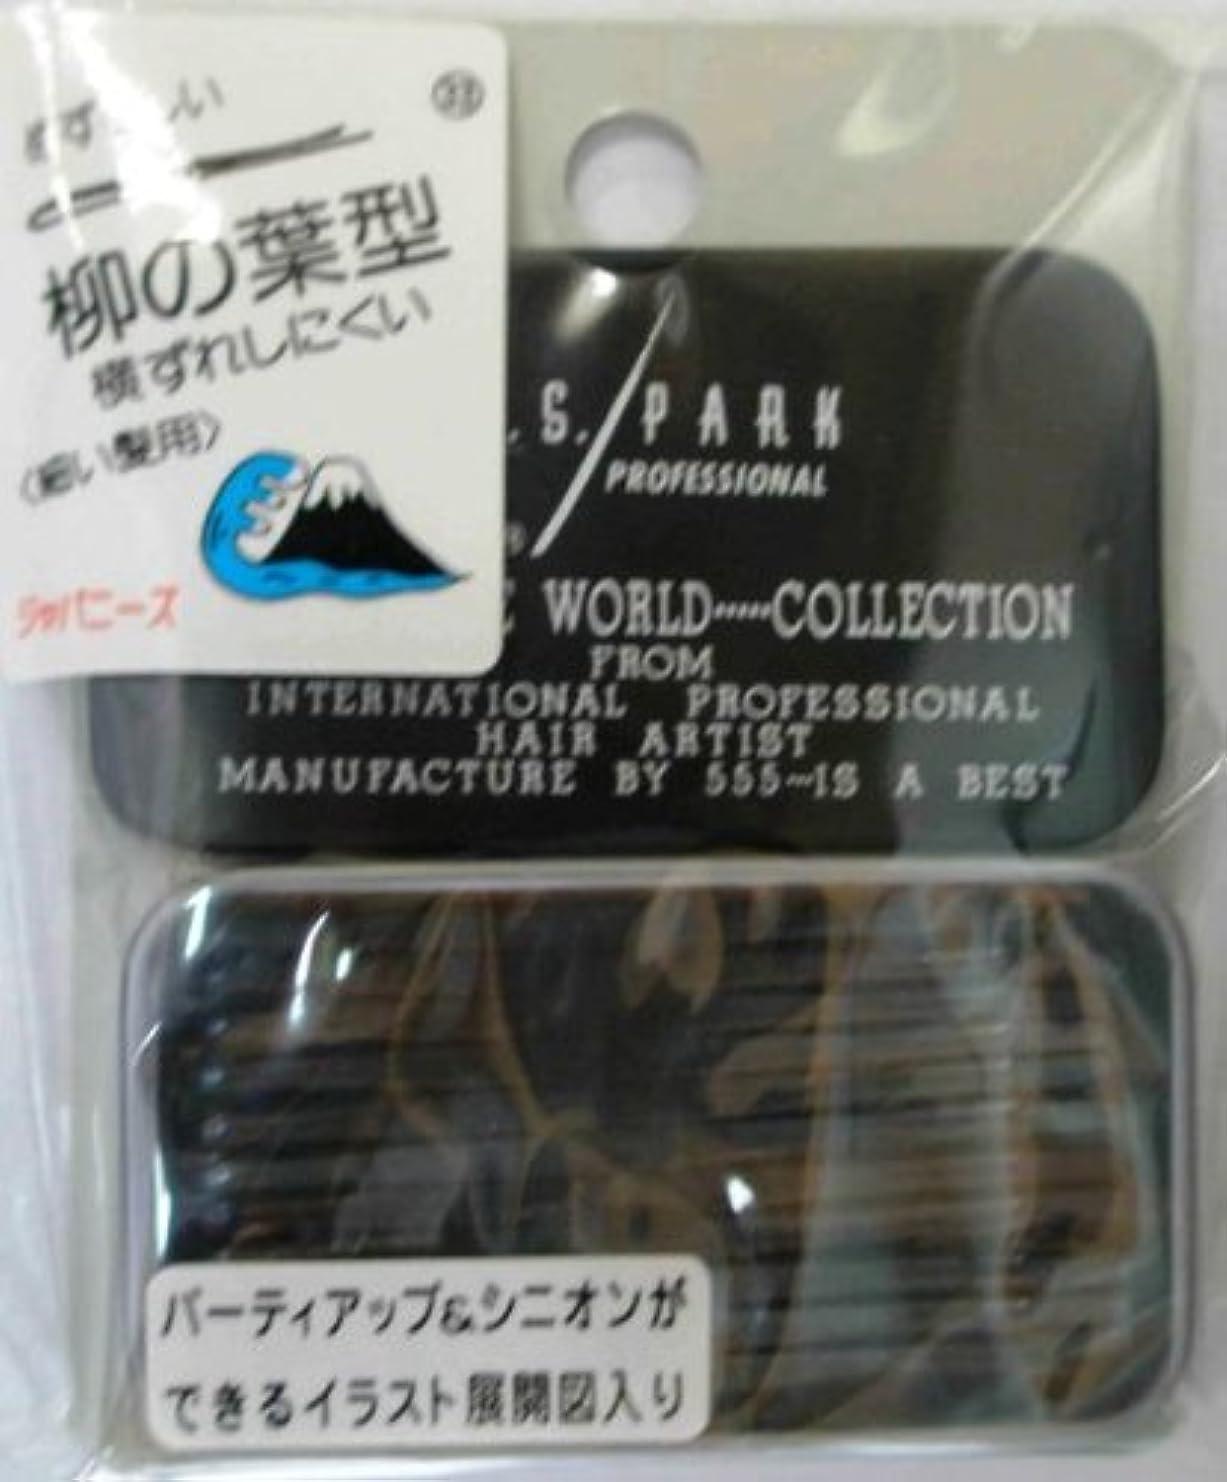 同時計算少年Y.S.PARK世界のヘアピンコレクションNo.33(細い髪用)ジャパニーズ32P